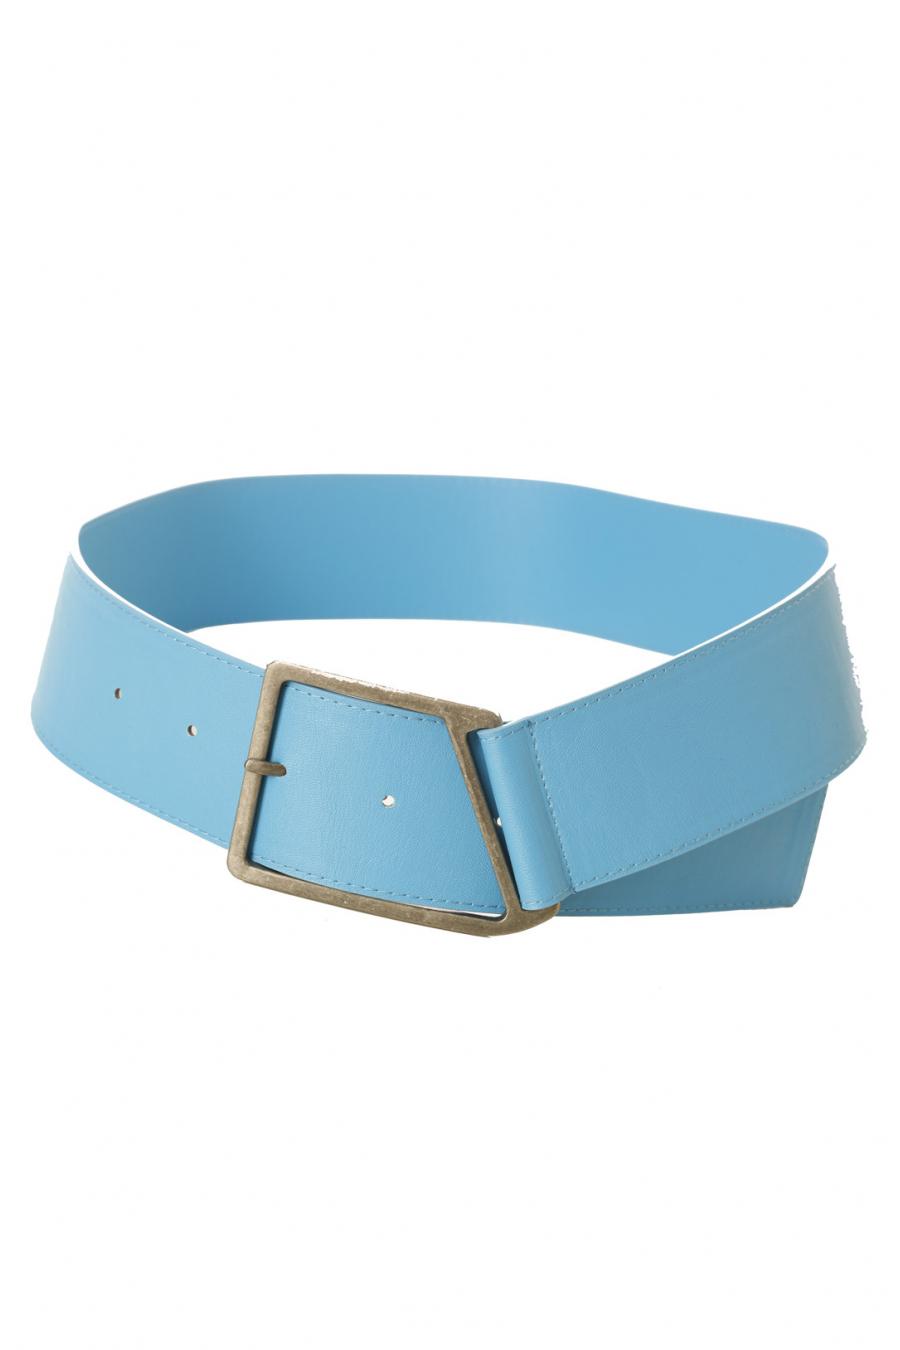 Ceinture bleue à boucle trapèze. SG-0468